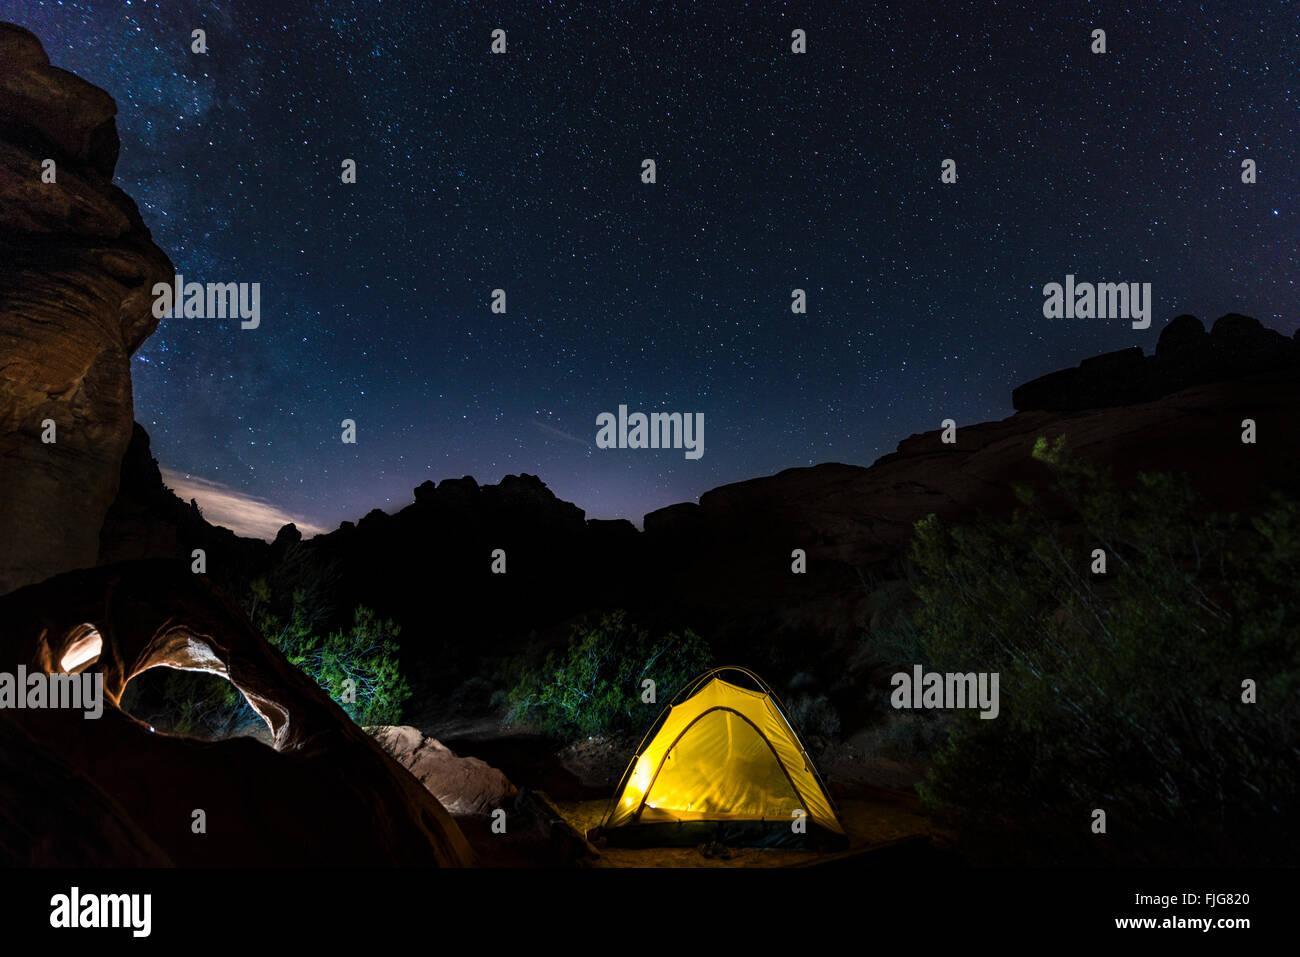 Zelt auf einem Campingplatz mit Sternenhimmel über Nacht-Szene, Wildrose Campingplatz, Death Valley Nationalpark, Stockbild